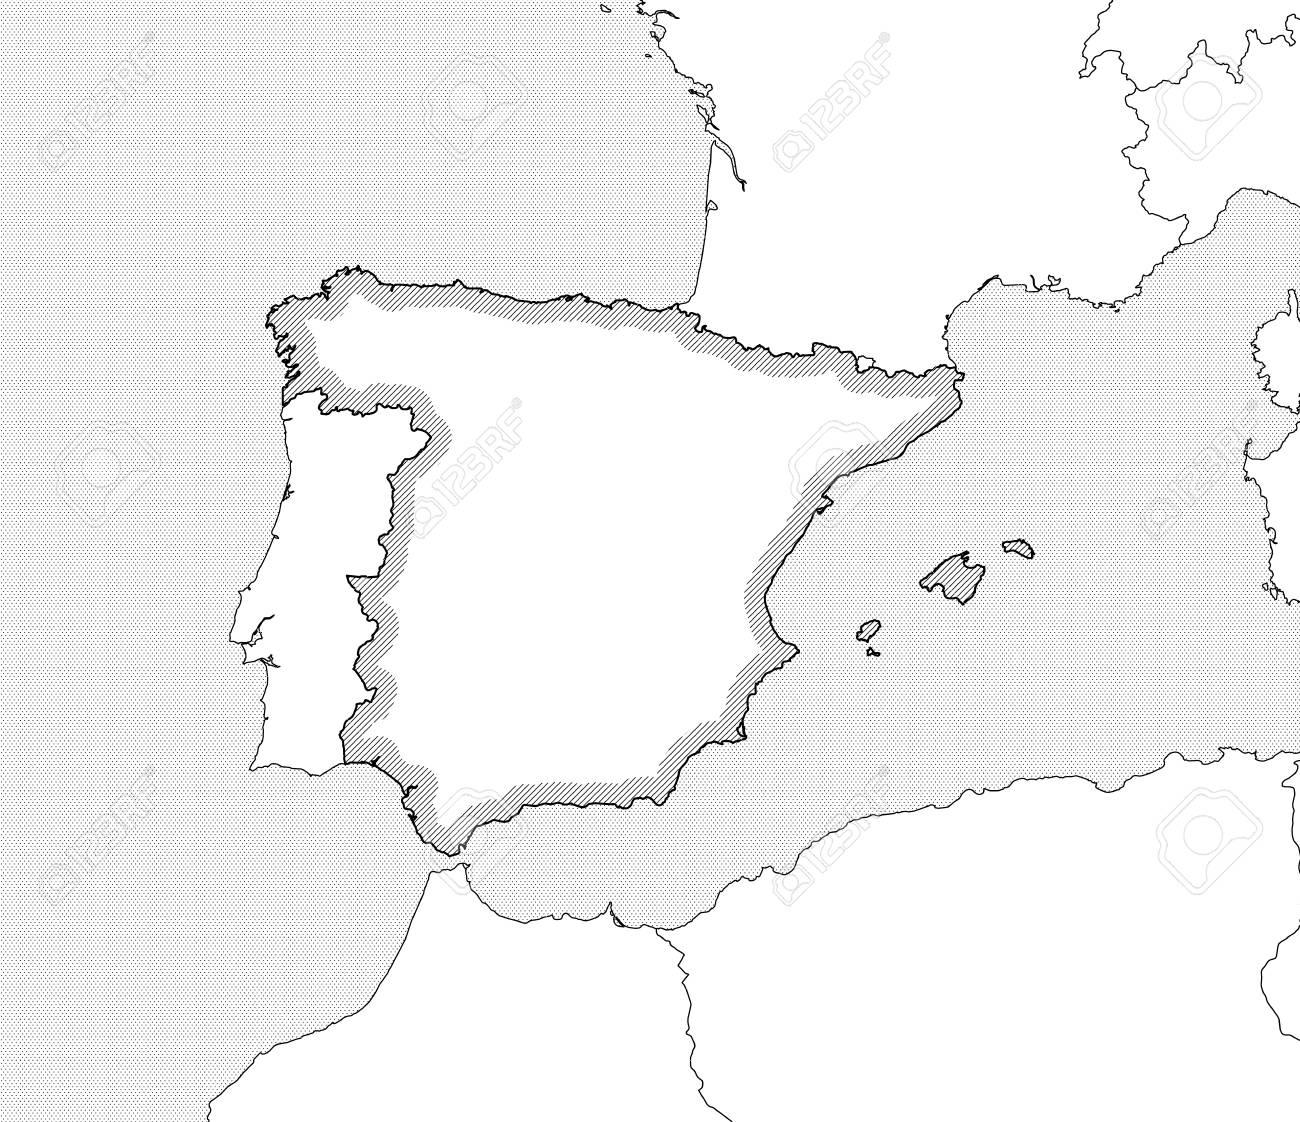 Carte Espagne Noir Et Blanc.Carte De L Espagne Et Les Pays Voisins En Noir Et Blanc L Espagne Est Soulignee Par Une Eclosion